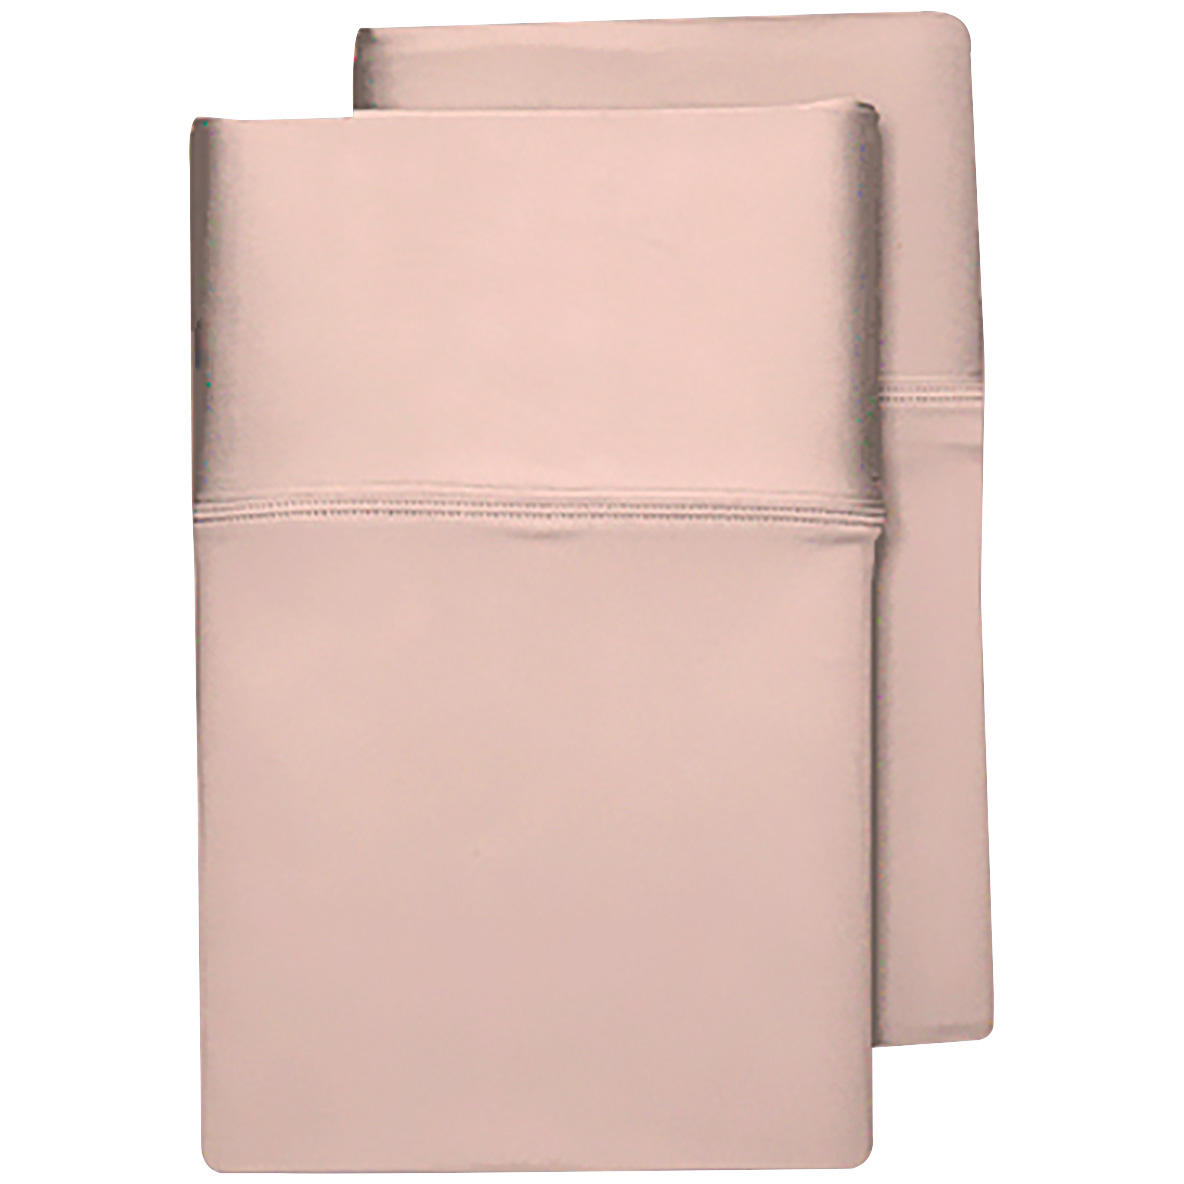 Sheex Inc. | SHEEX Aero Fit Blush Pink King Pillowcase Set